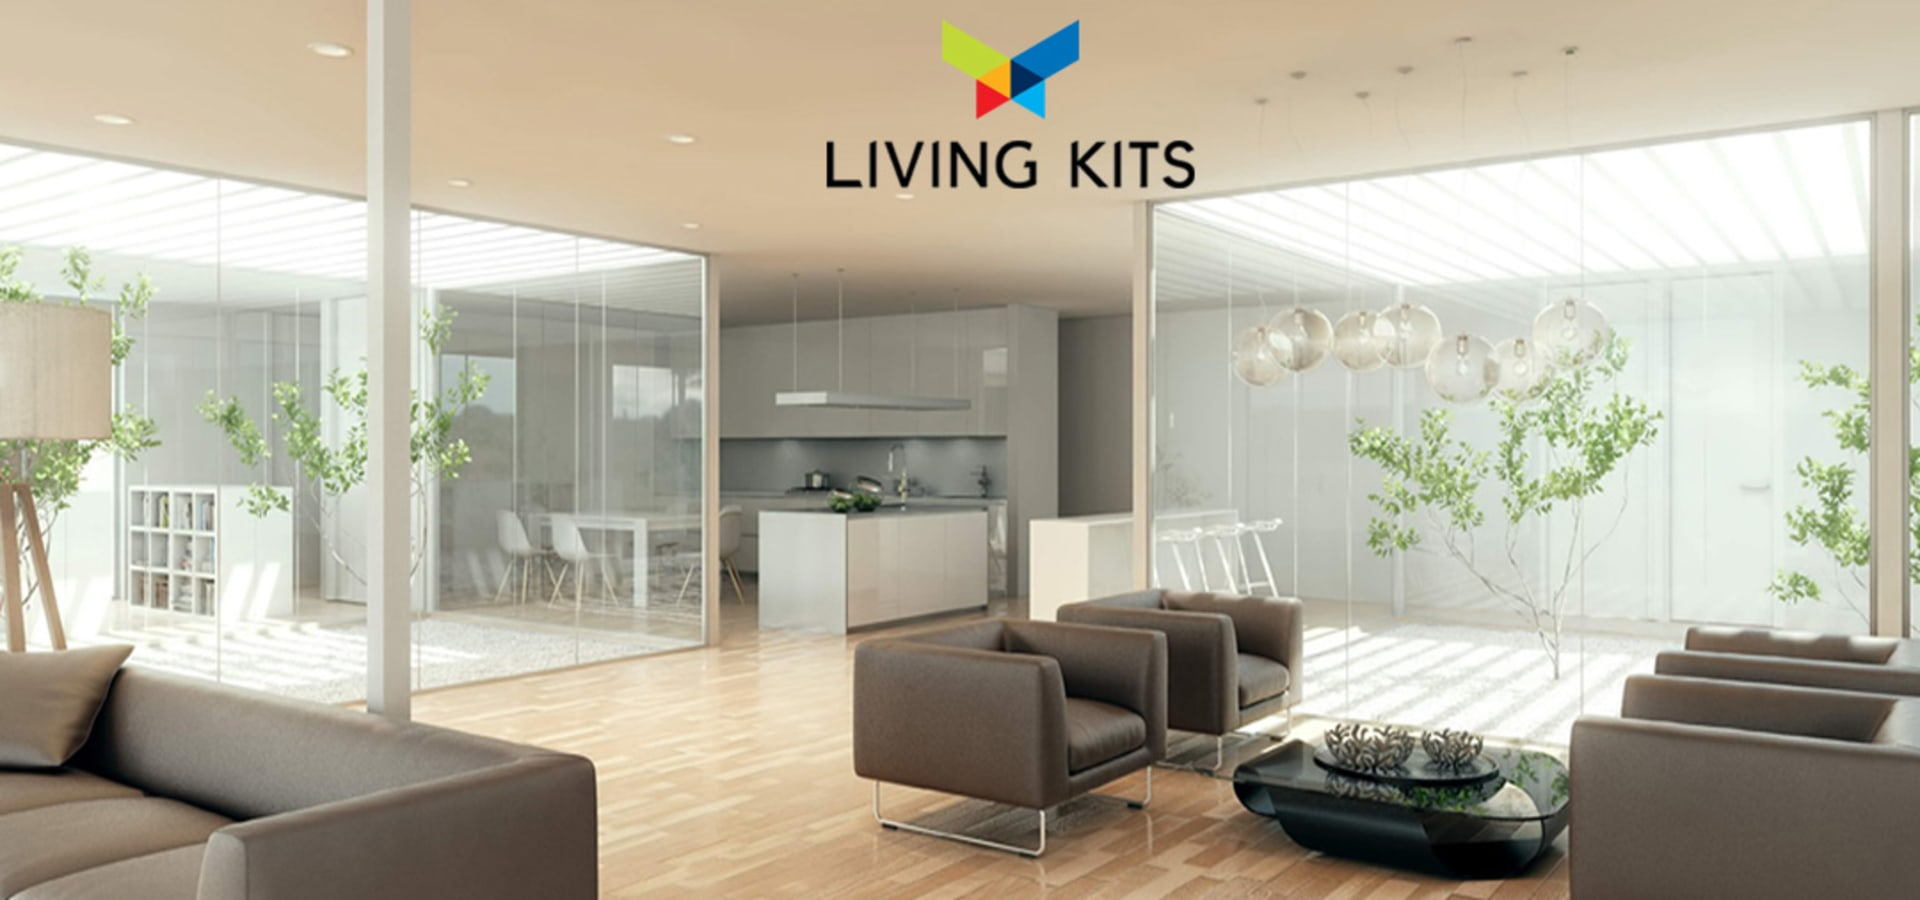 casa circular de casas modernas living kits homify